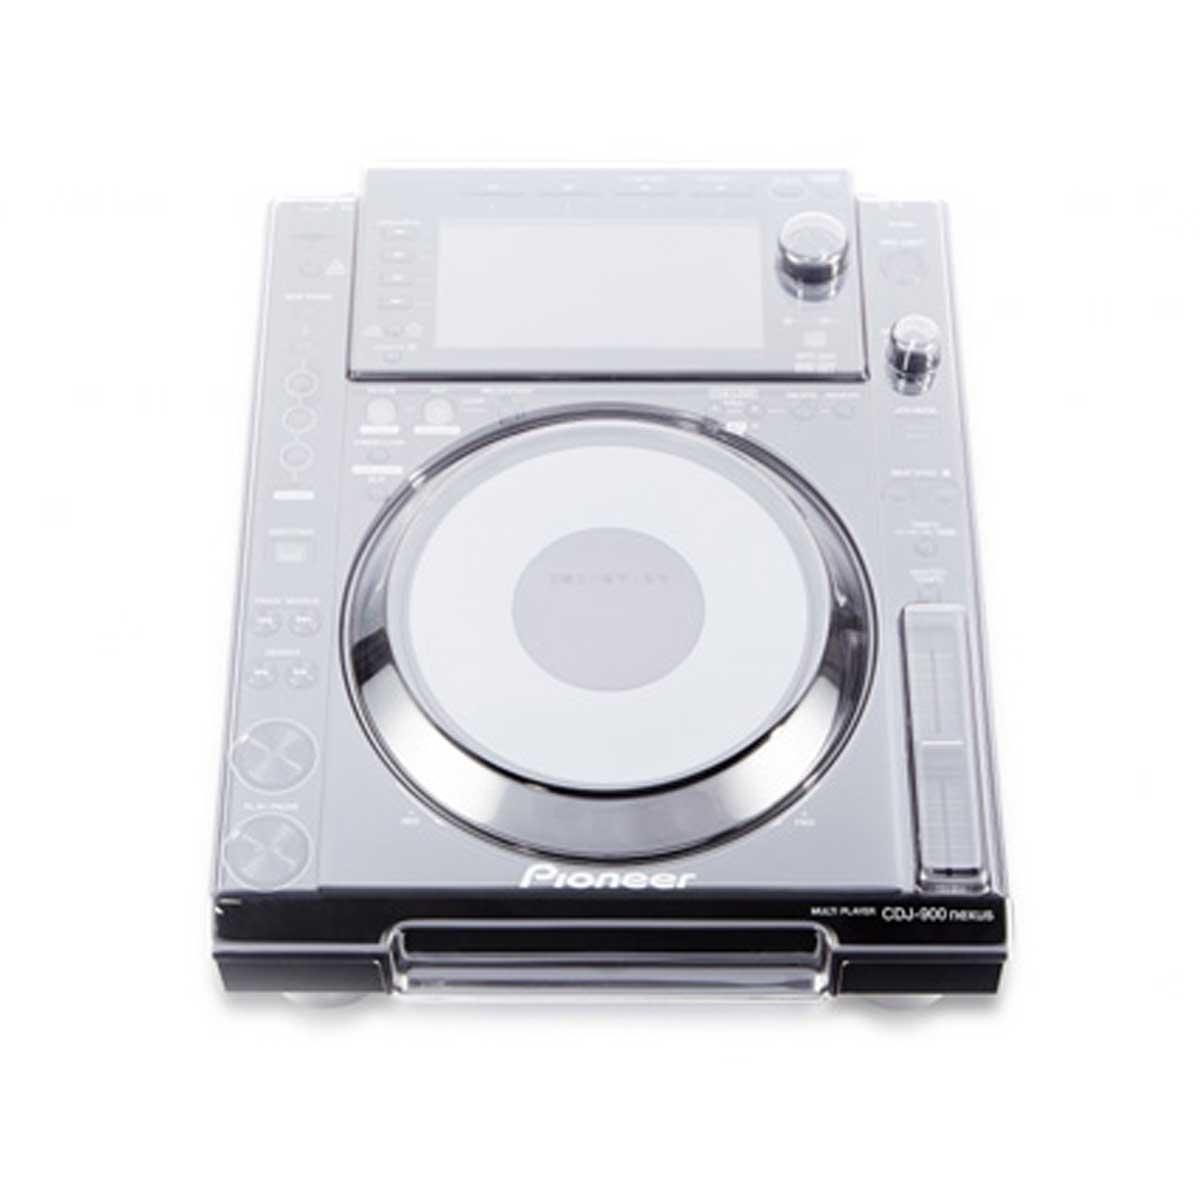 Decksaver デッキセーバー / DS-PC-CDJ900NXS CDJ-900nexus用保護カバー【お取り寄せ商品】